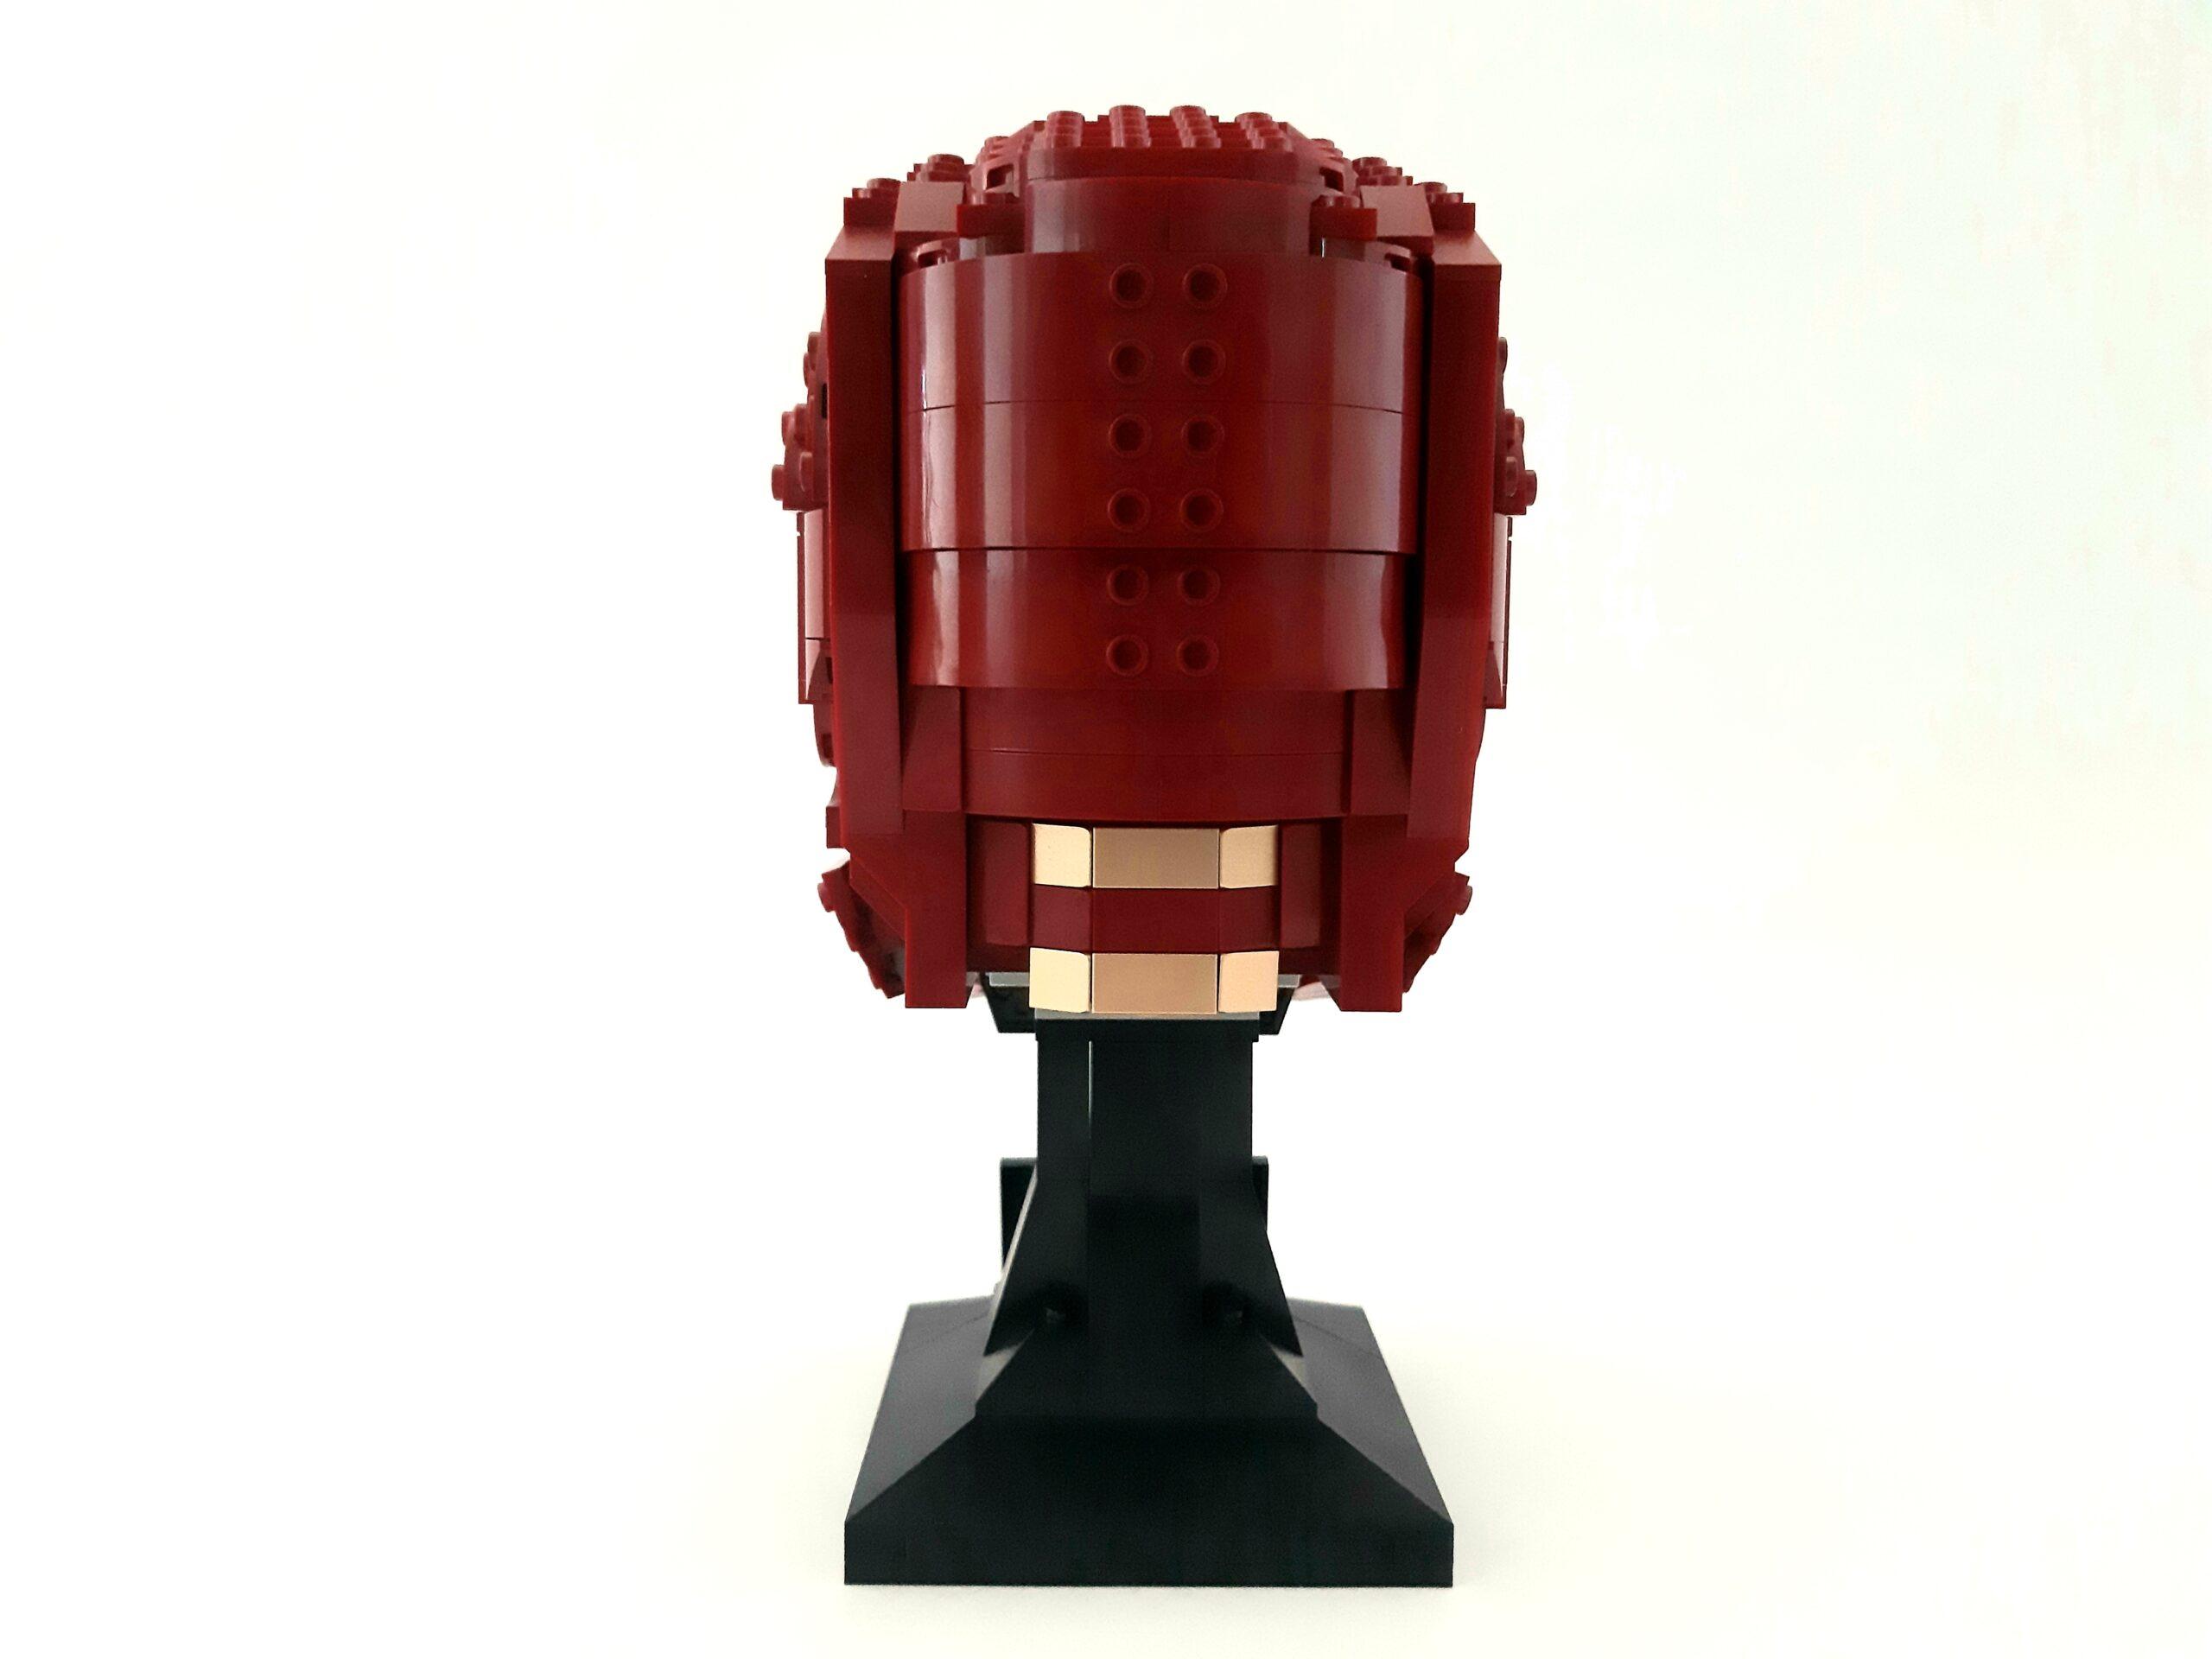 LEGO Marvel 76165 Iron Man Helmet